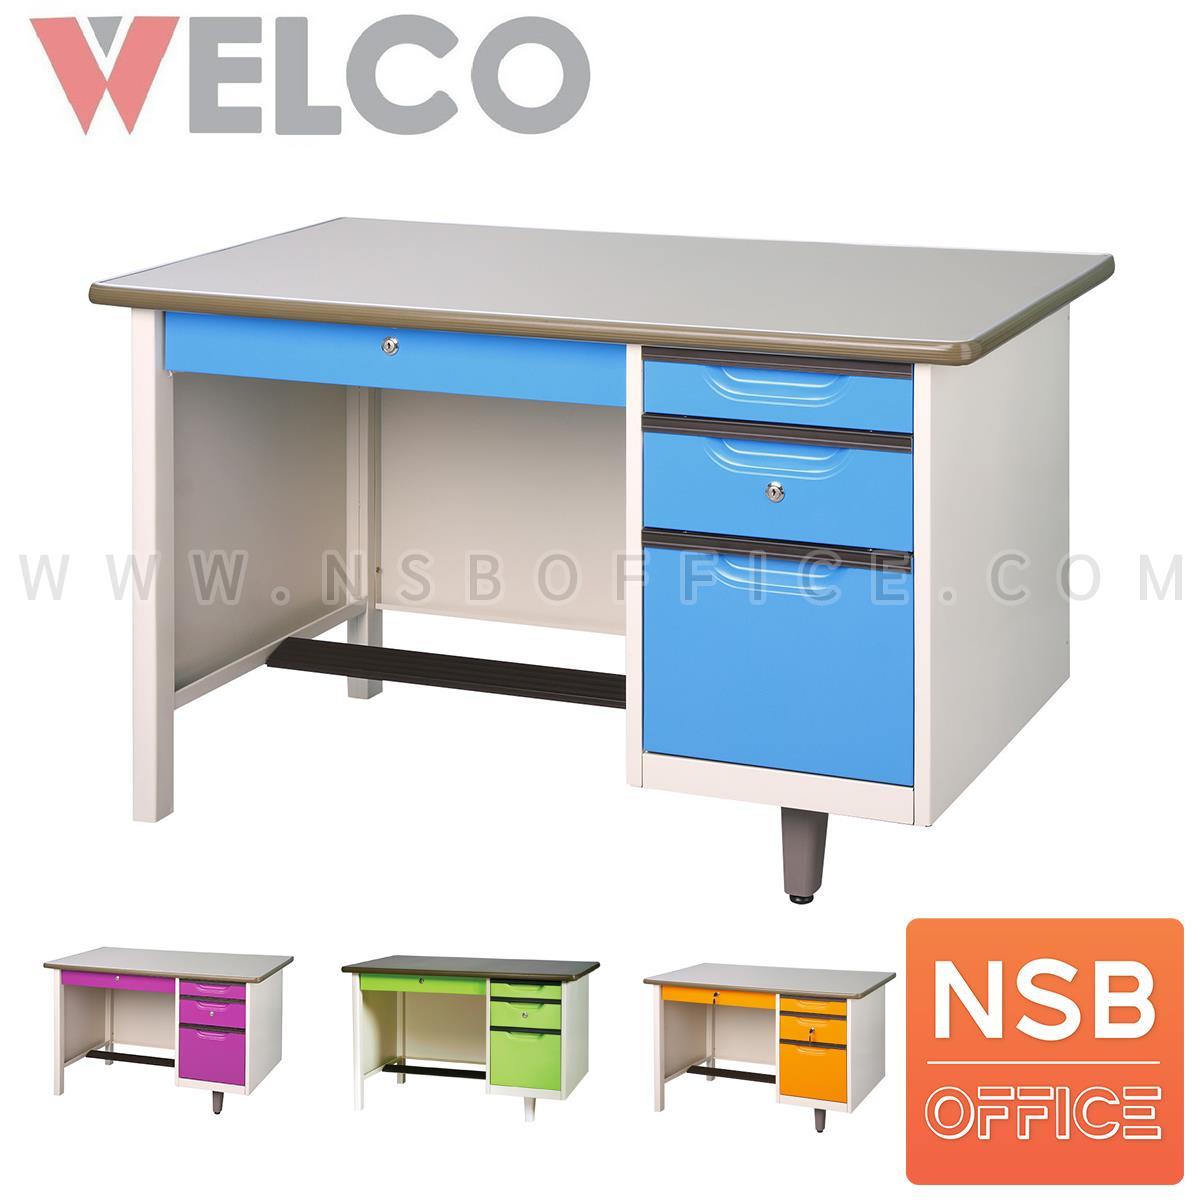 E30A015:โต๊ะทำงานหน้าเหล็ก 4 ลิ้นชัก รุ่น WDE ขนาด 3 ,3.5 ,4 ฟุต